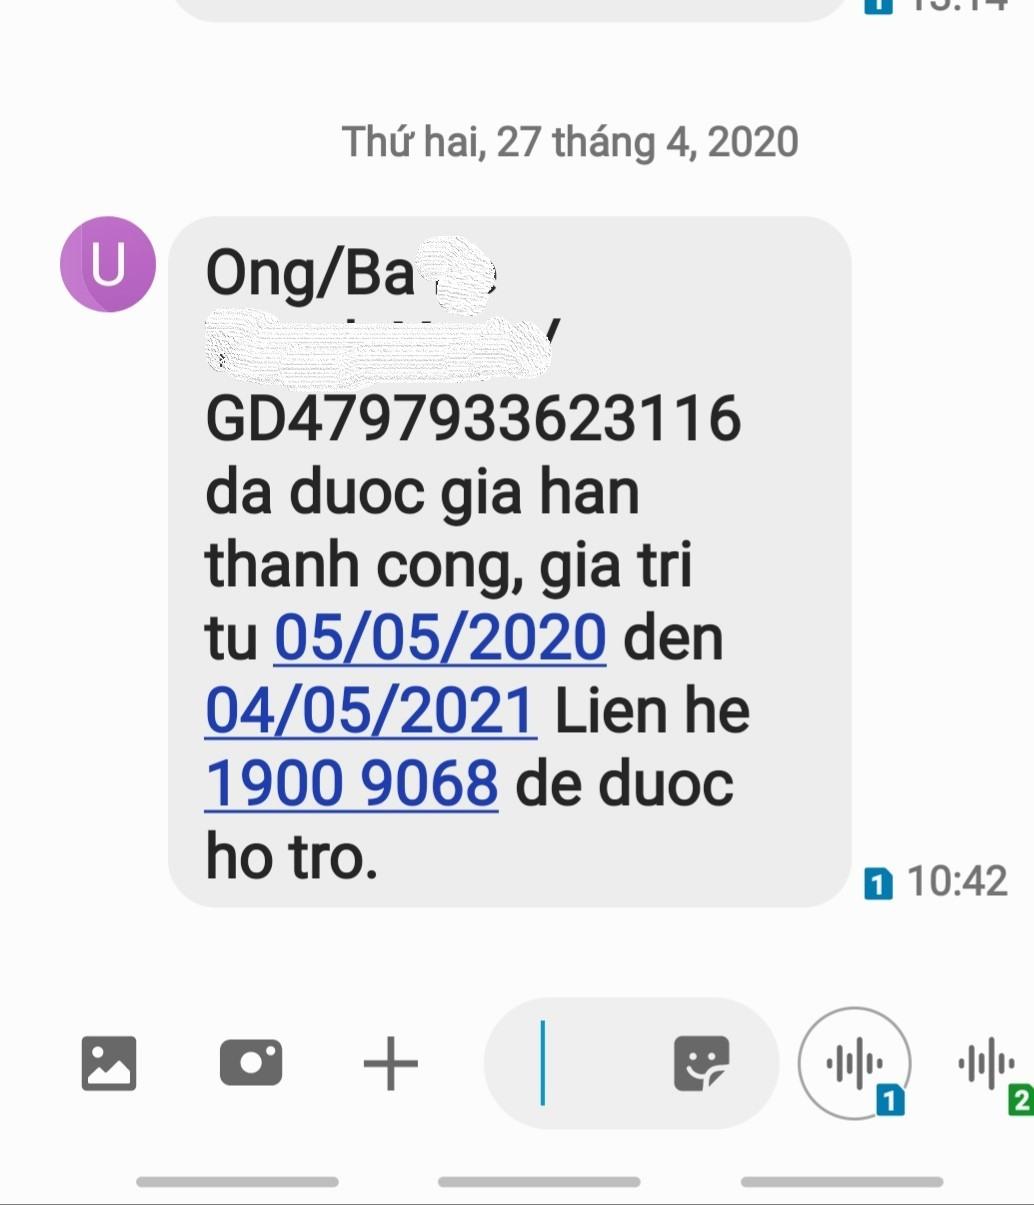 Tin nhắn việc gia hạn thẻ BHYT thành công thông qua việc người dân nạp tiền vào tài khoản ngân hàng để gia hạn thẻ BHYT. Ảnh Nam Dương